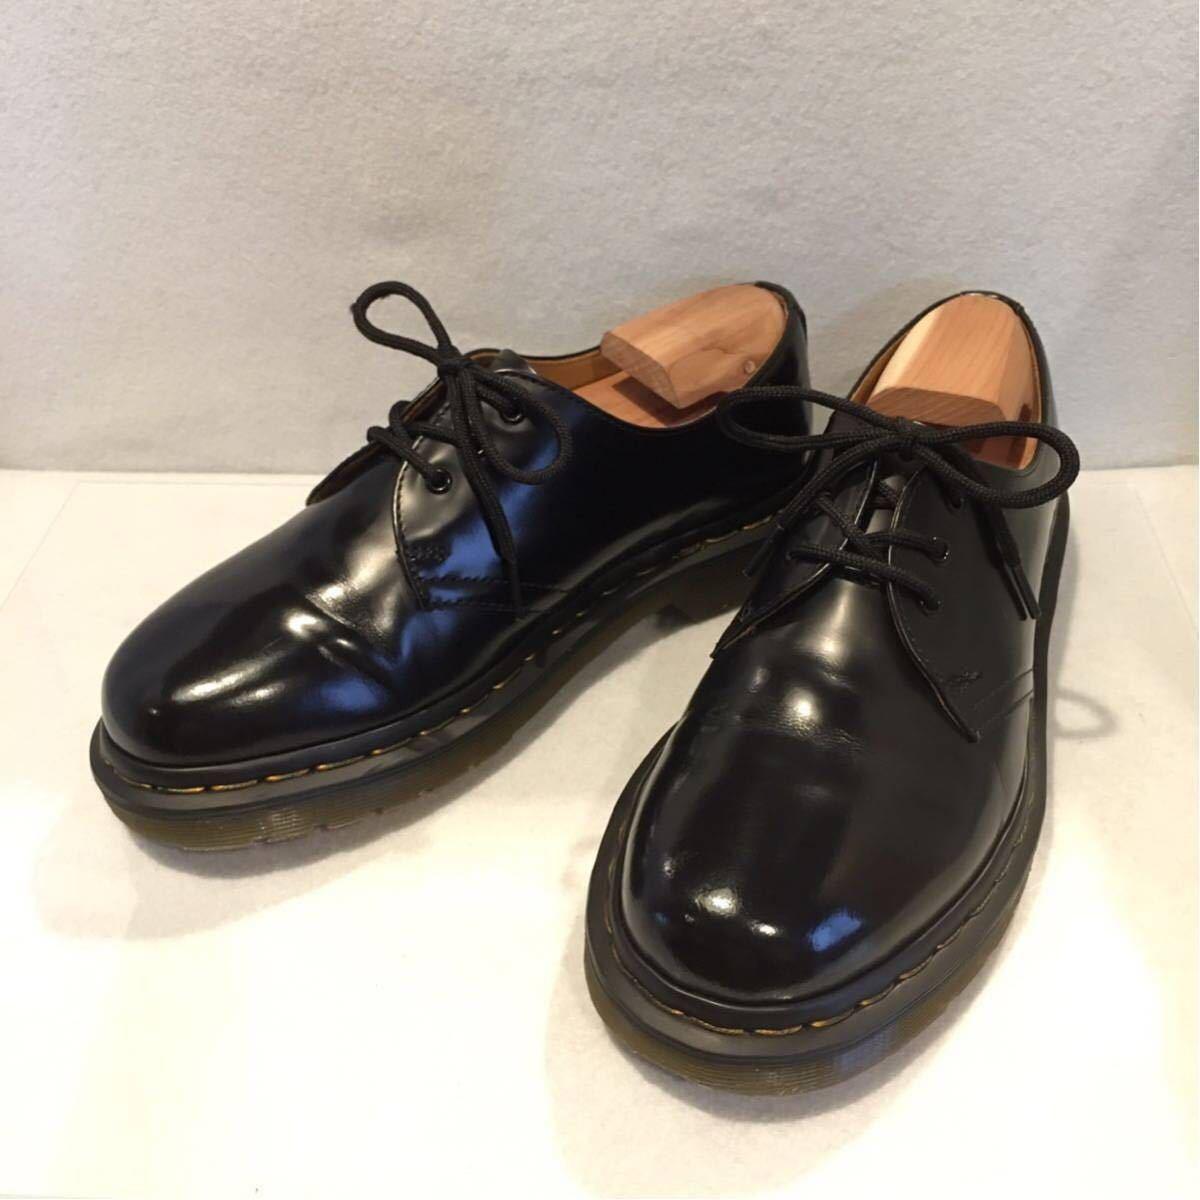 ★Dr.Martens ドクターマーチン 3ホール★UK5(24.0cm)★黒 ブラック★革靴 レザーシューズ★